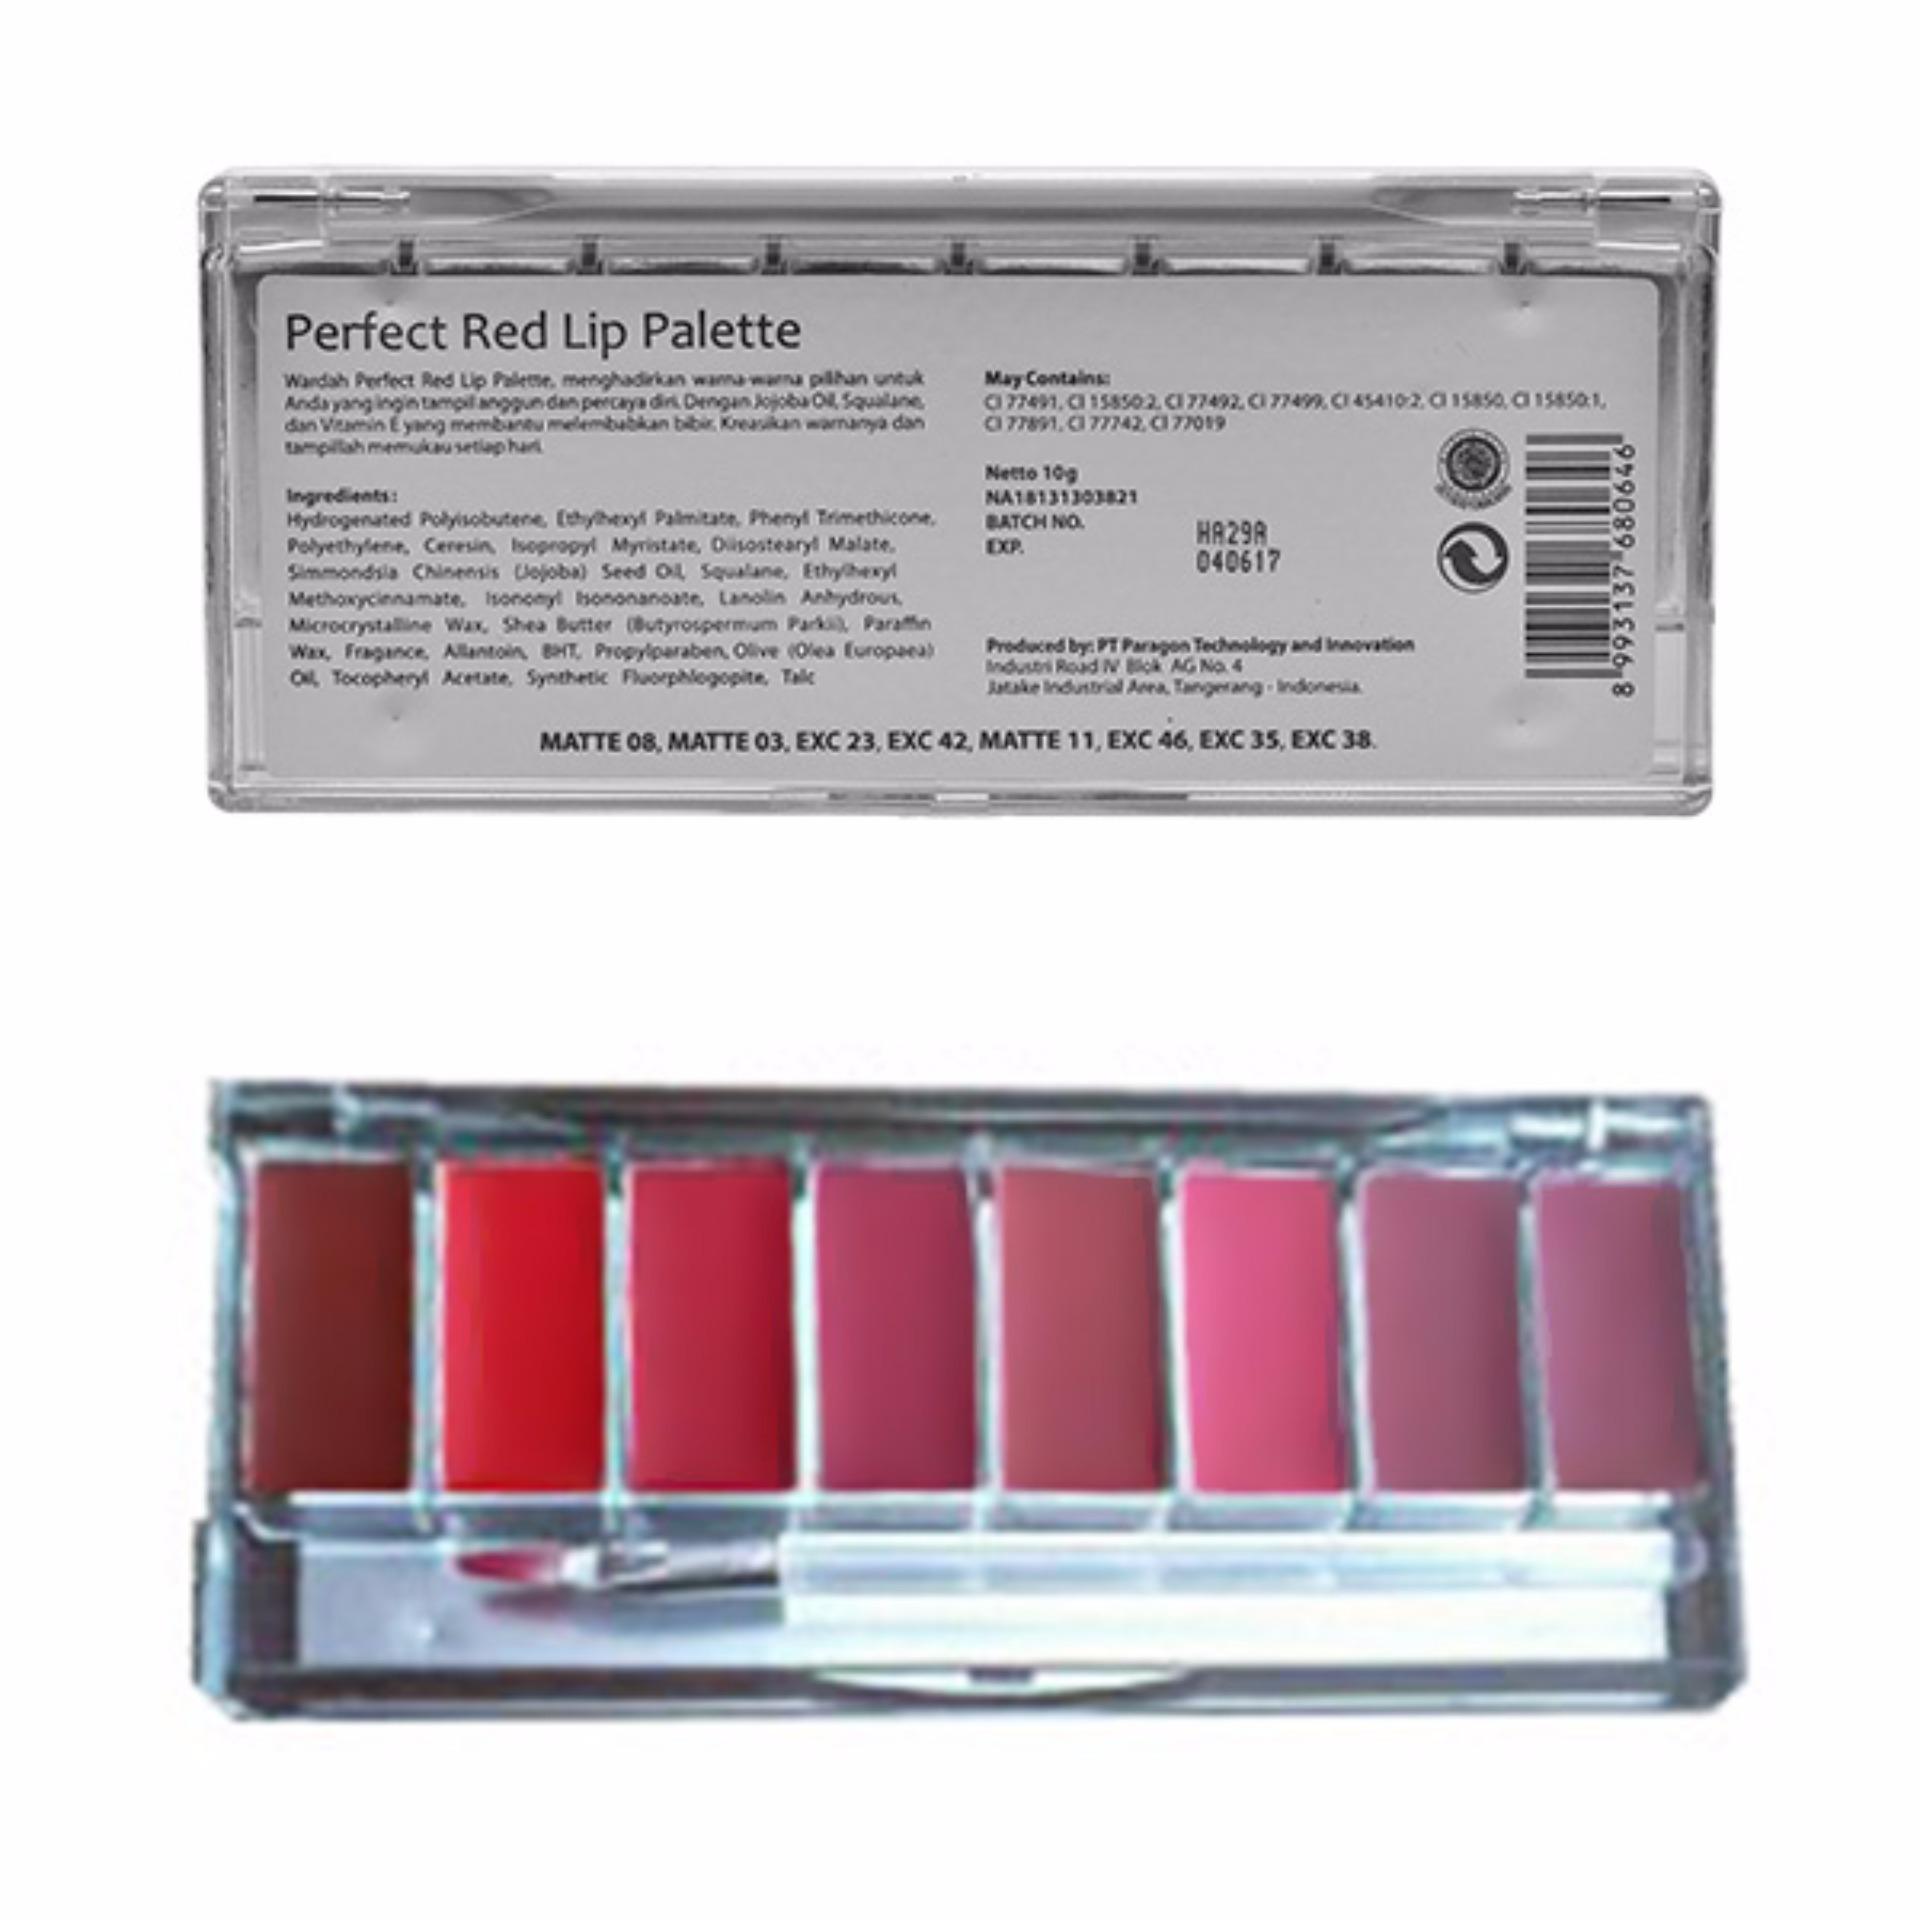 Hemat Tarte Tartellete Bloom Eyeshadow Pallete Penghilang Bekas Wardah Lip Palette Pinky Peach Perfect Red